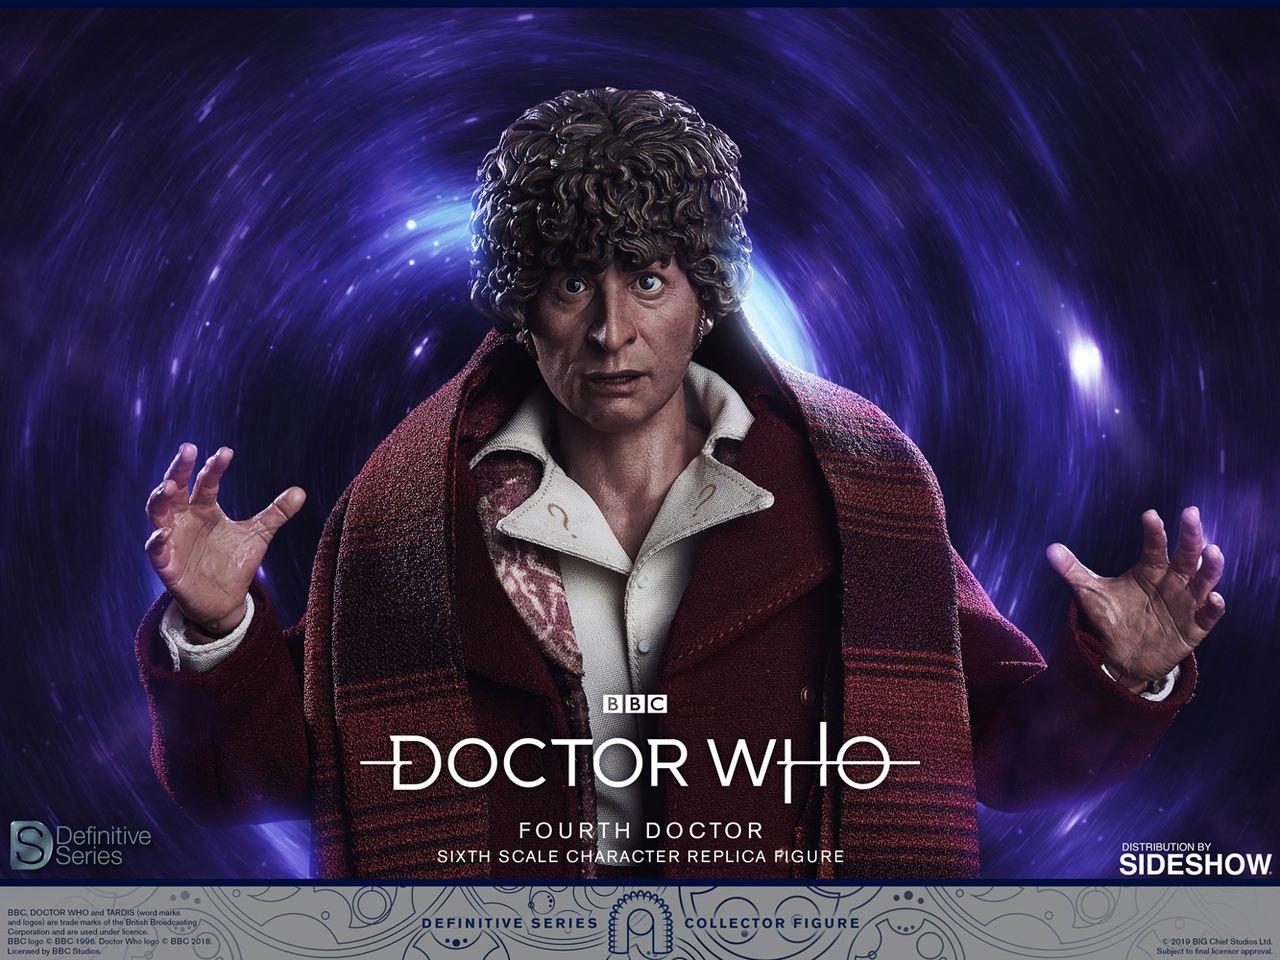 PRÉ VENDA Action Figure Quarto Doutor (Fourth Doctor): Doctor Who (Escala 1/6) - BIG Chief Studio